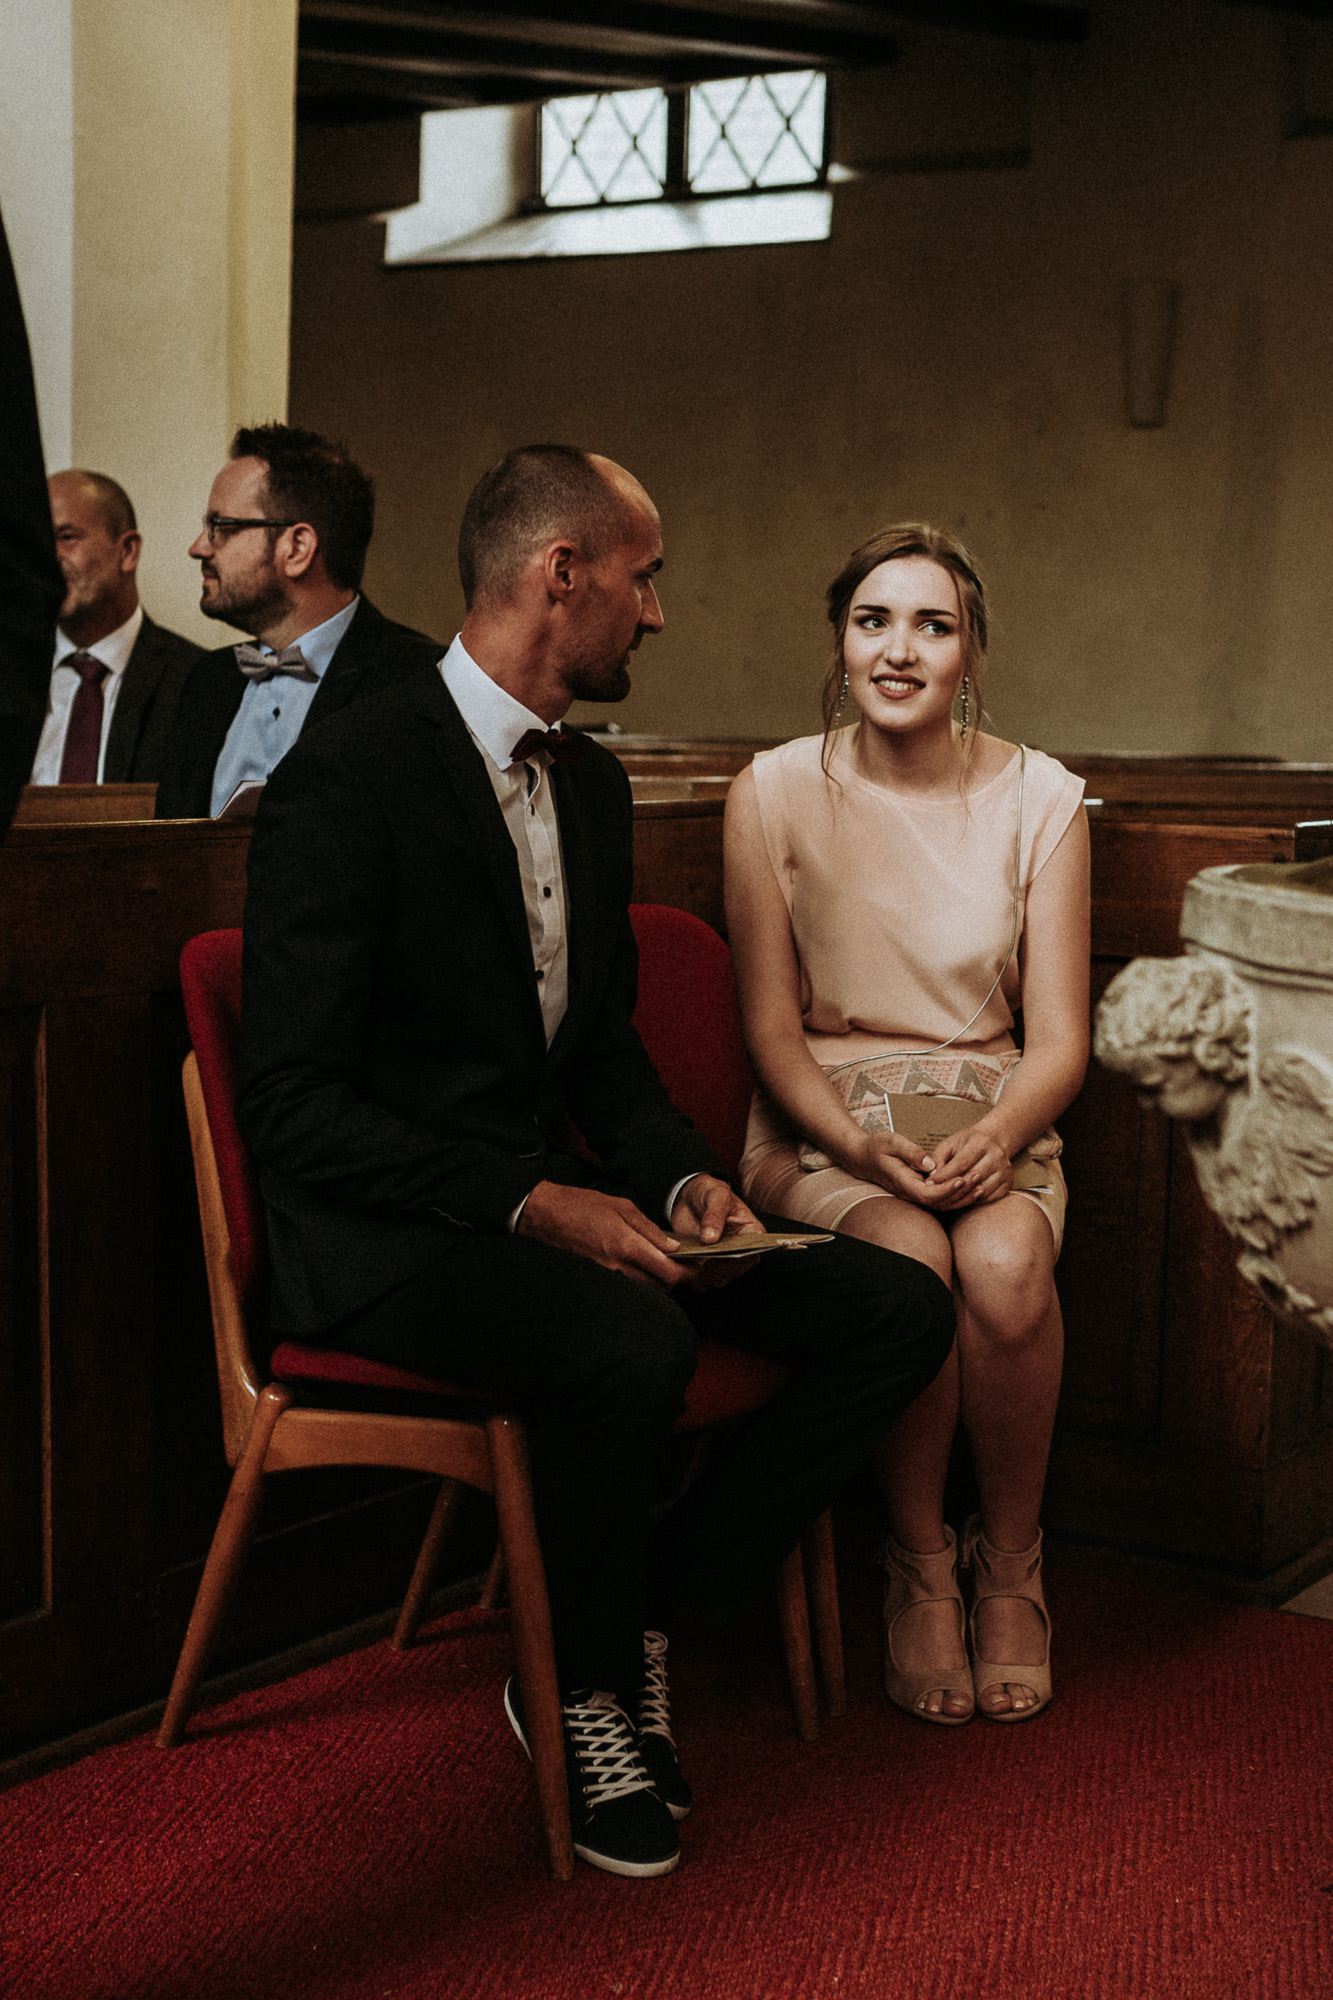 Hochzeitsfotograf_Dinslaken_Hanna_Marc81